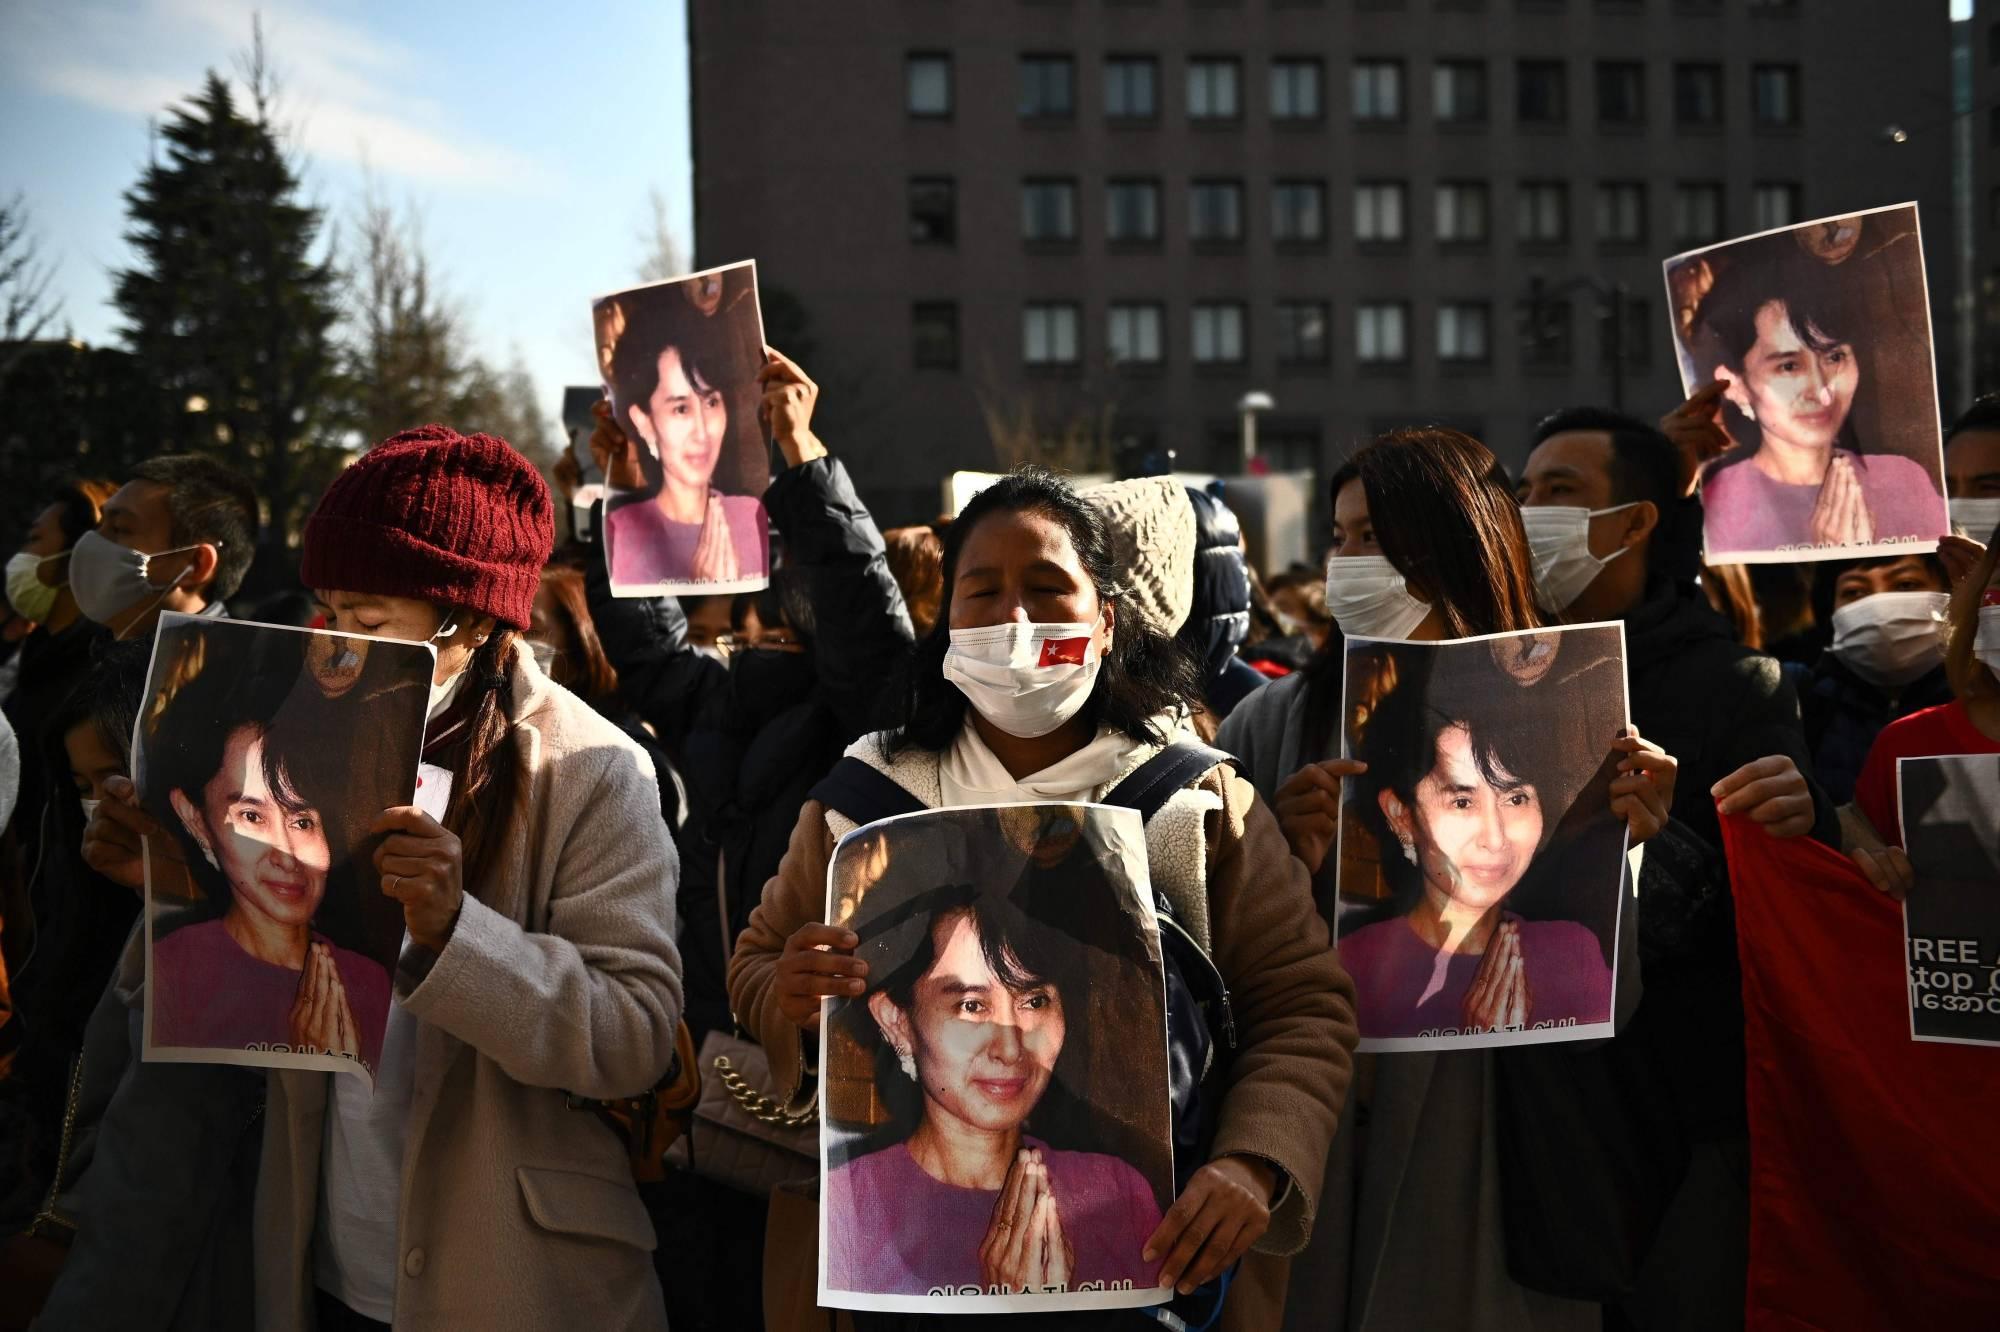 Cộng đồng Myanmar ở Nhật Bản sốc và lo lắng sau khi bà Aung San Suu Kyi bị giam giữ - Ảnh 4